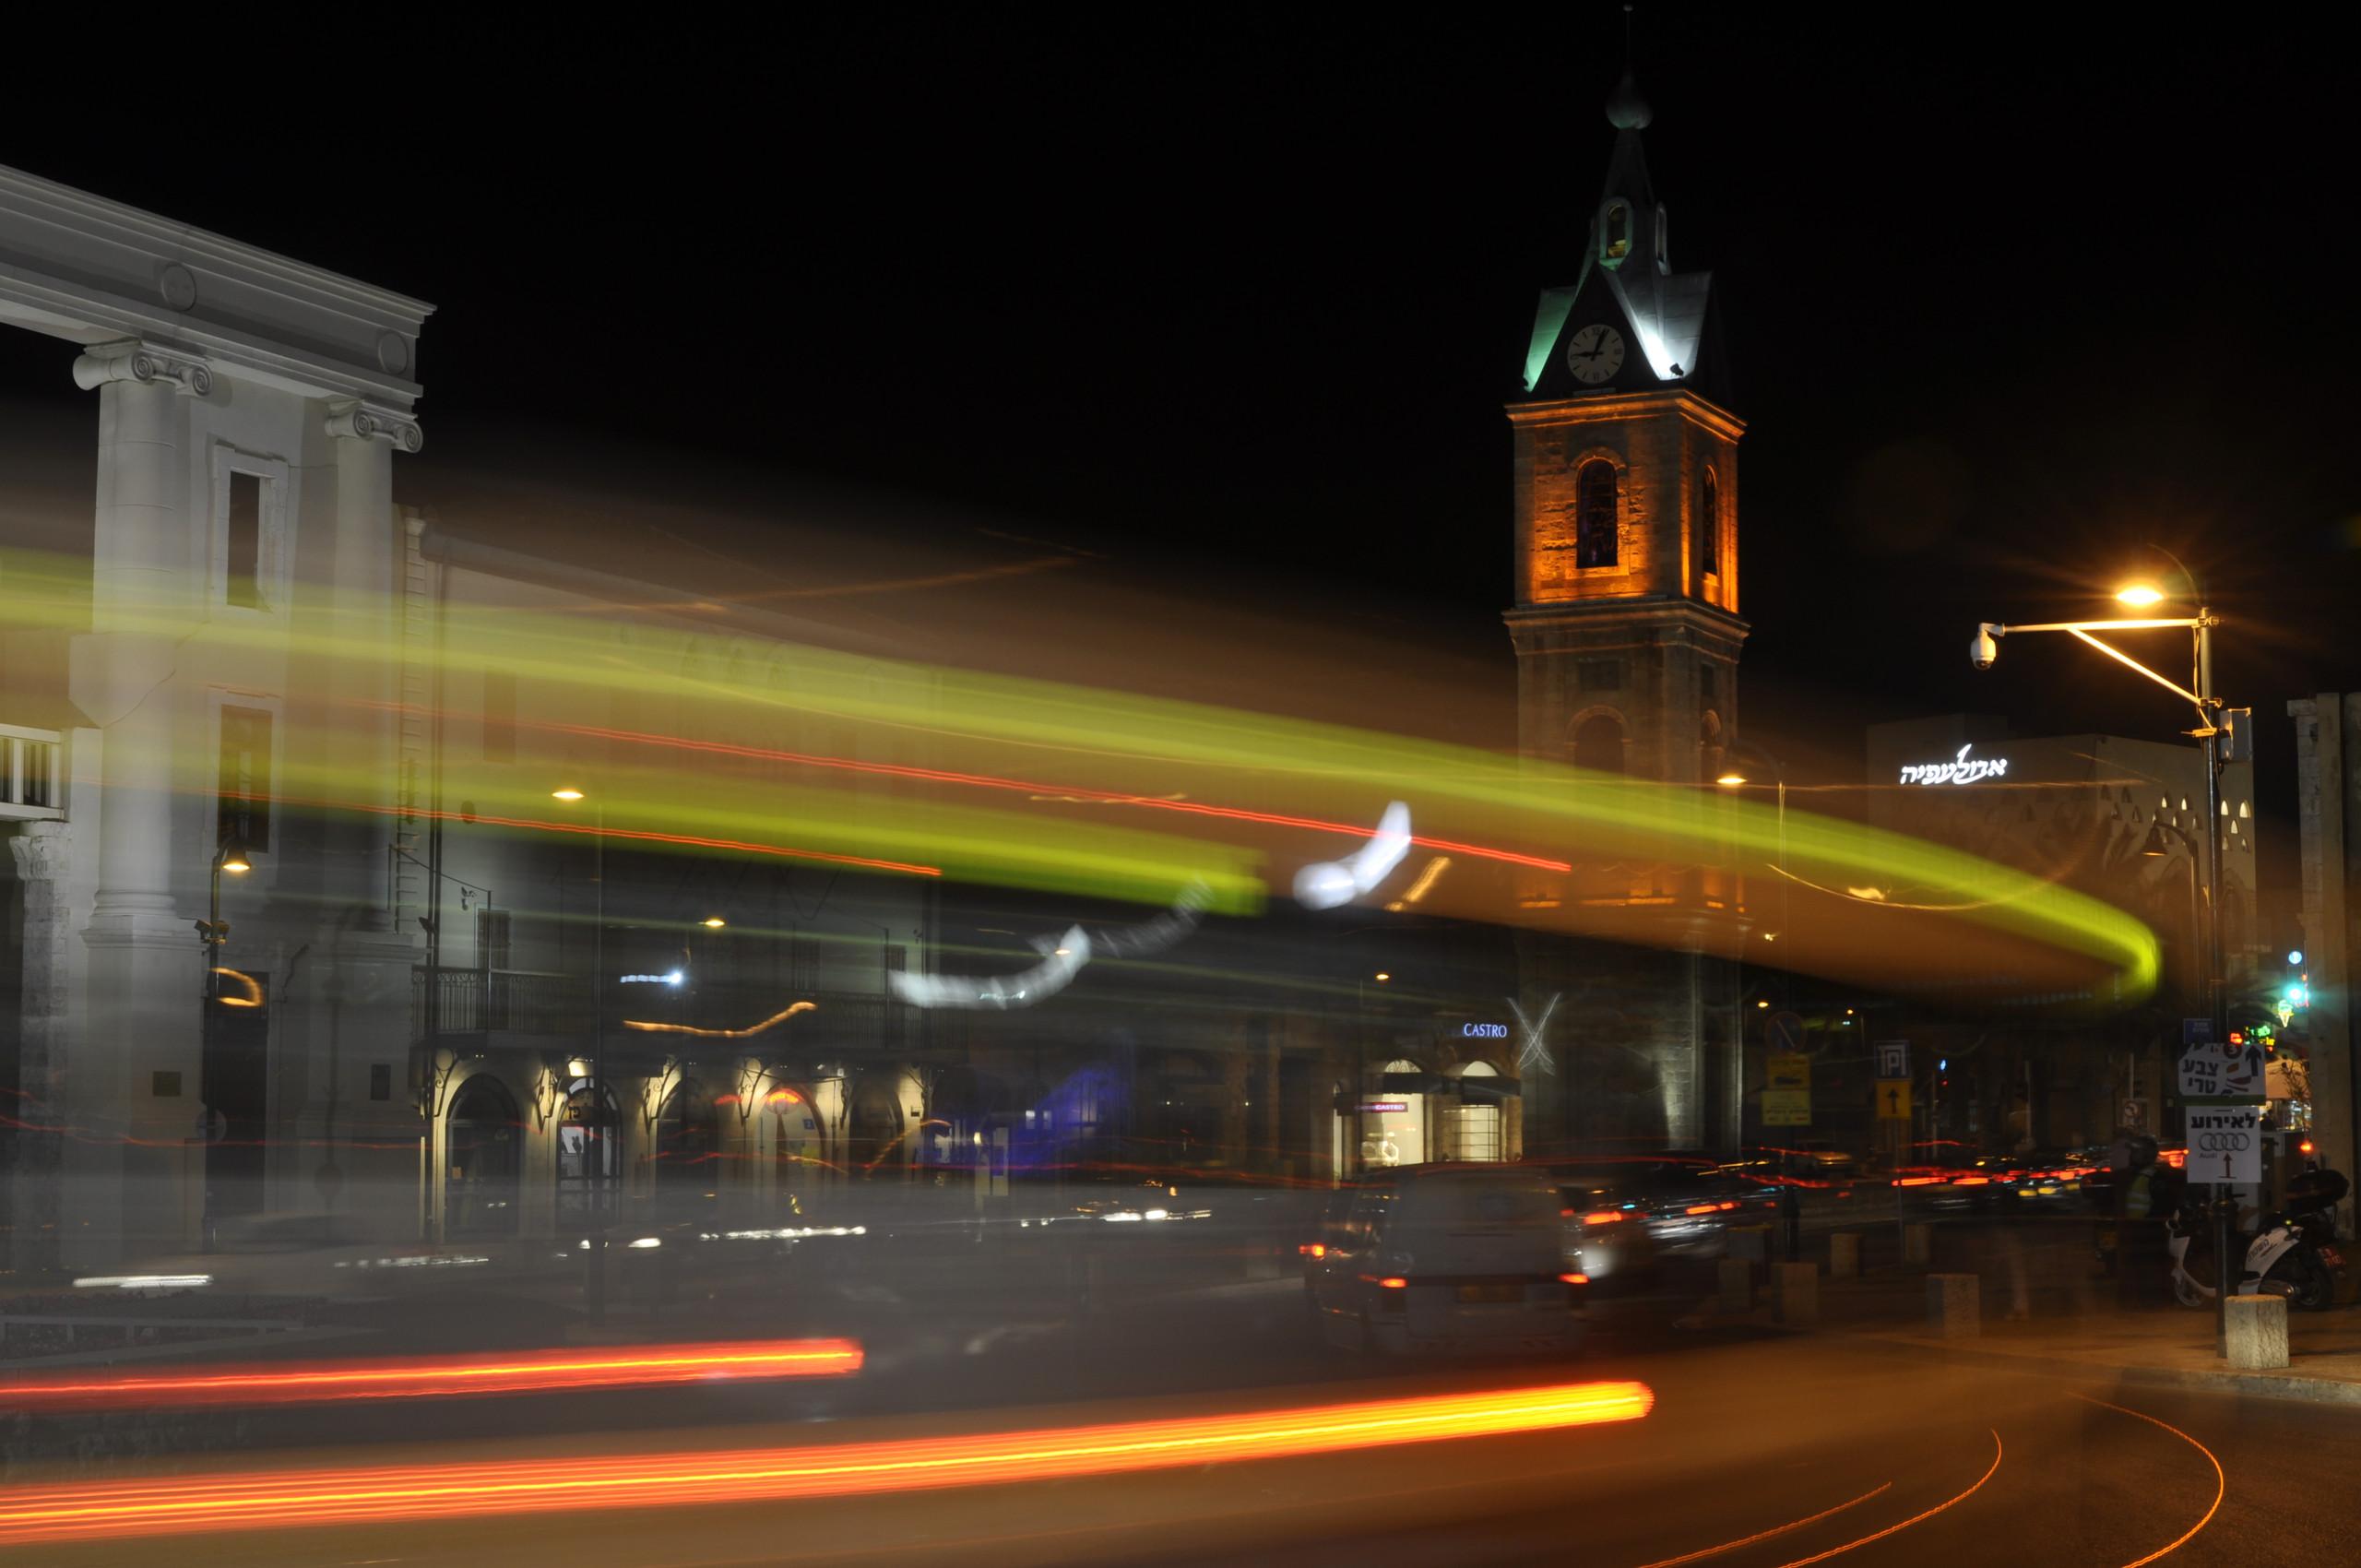 צילום חשיפה ארוכה בכיכר השעון ביפו, 2010